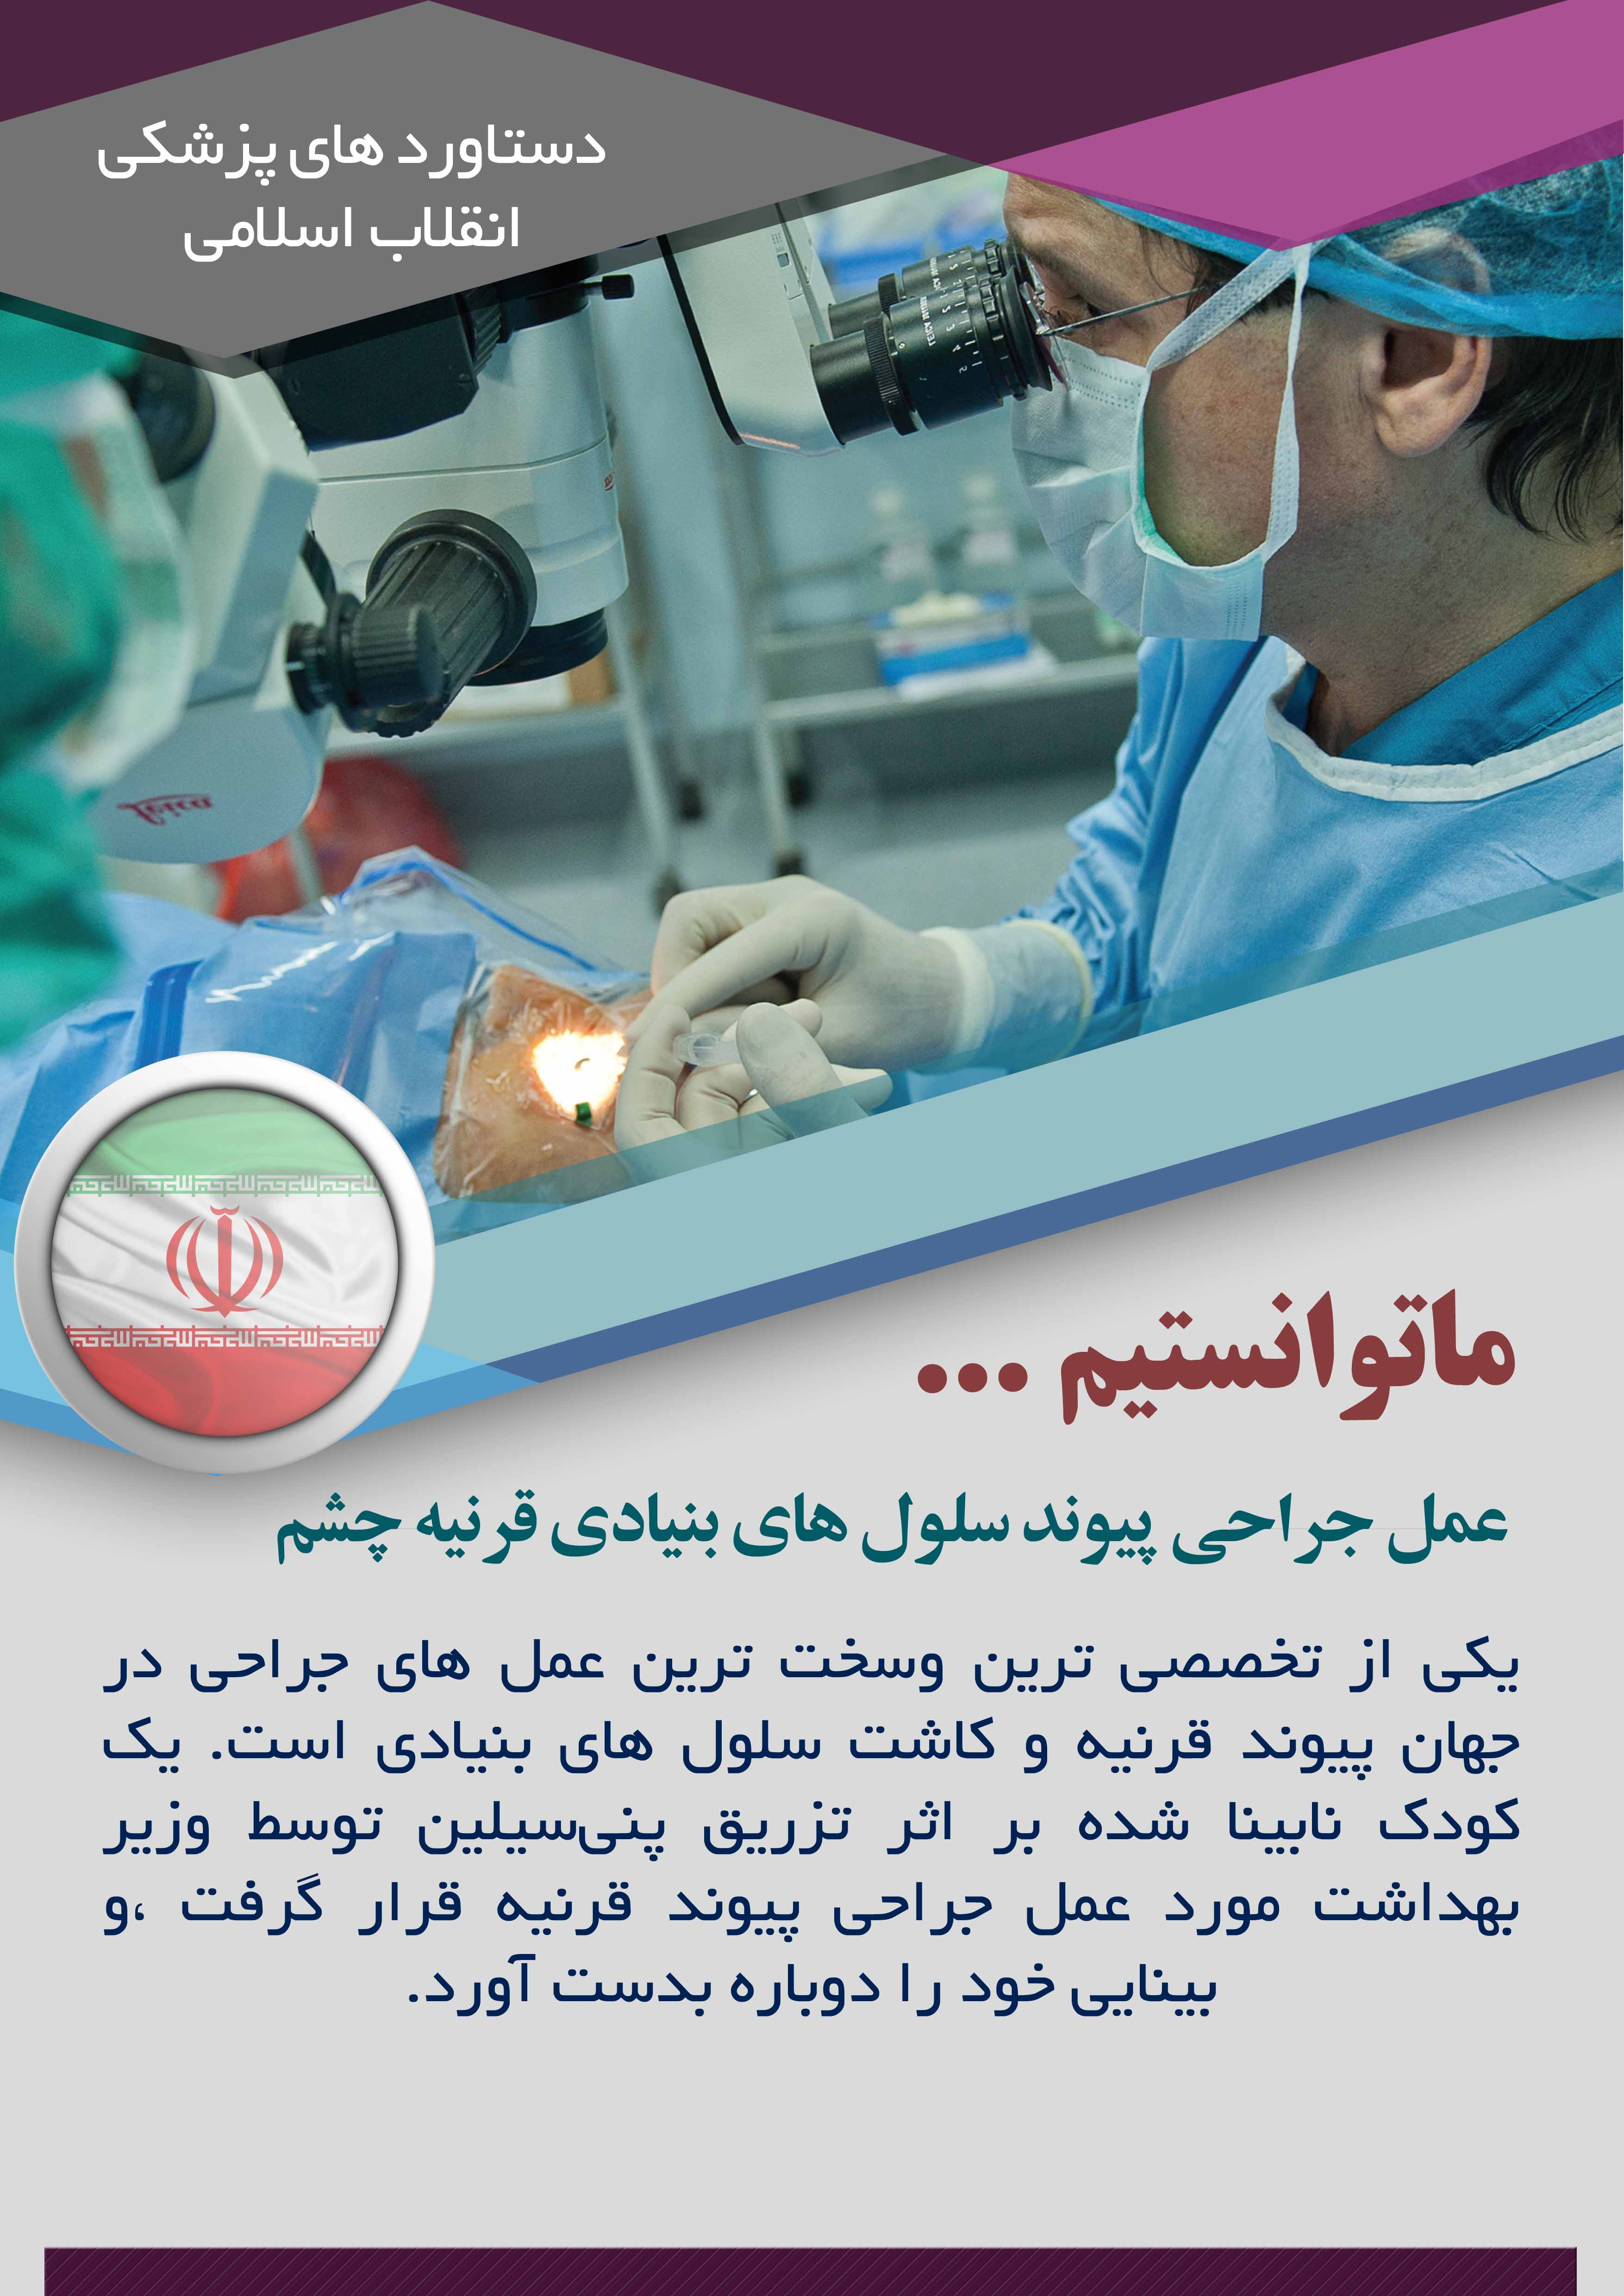 دستاوردهای پزشکی (1)